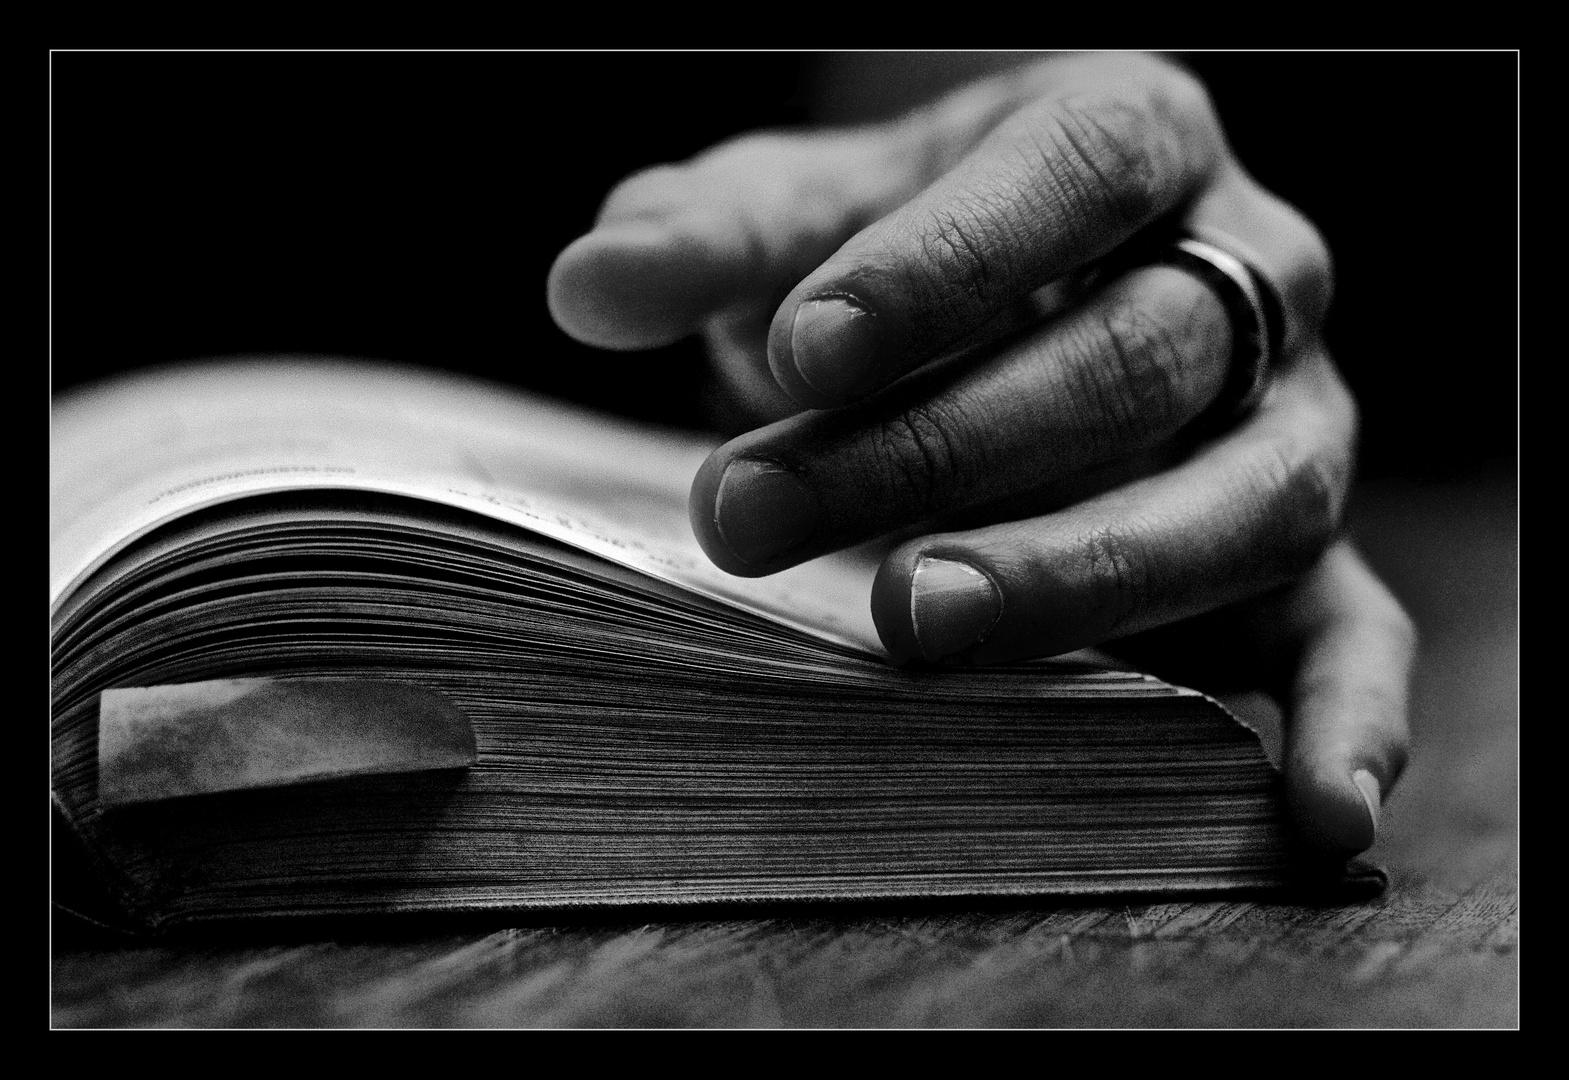 Lesen heißt durch fremde Hand träumen ...